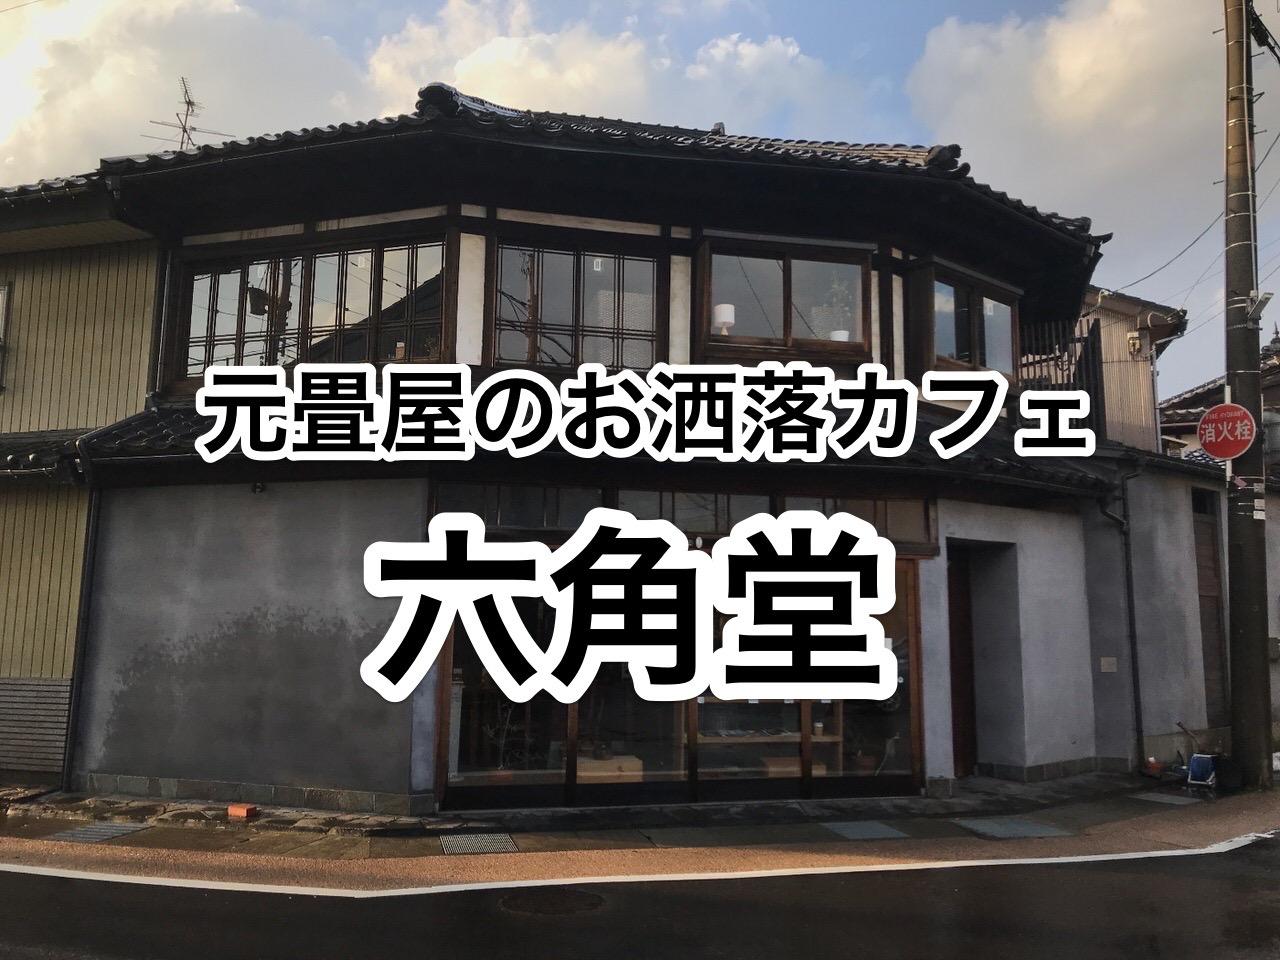 「六角堂」畳屋さんを改装したカクカクしたお洒落カフェ(富山県射水市)